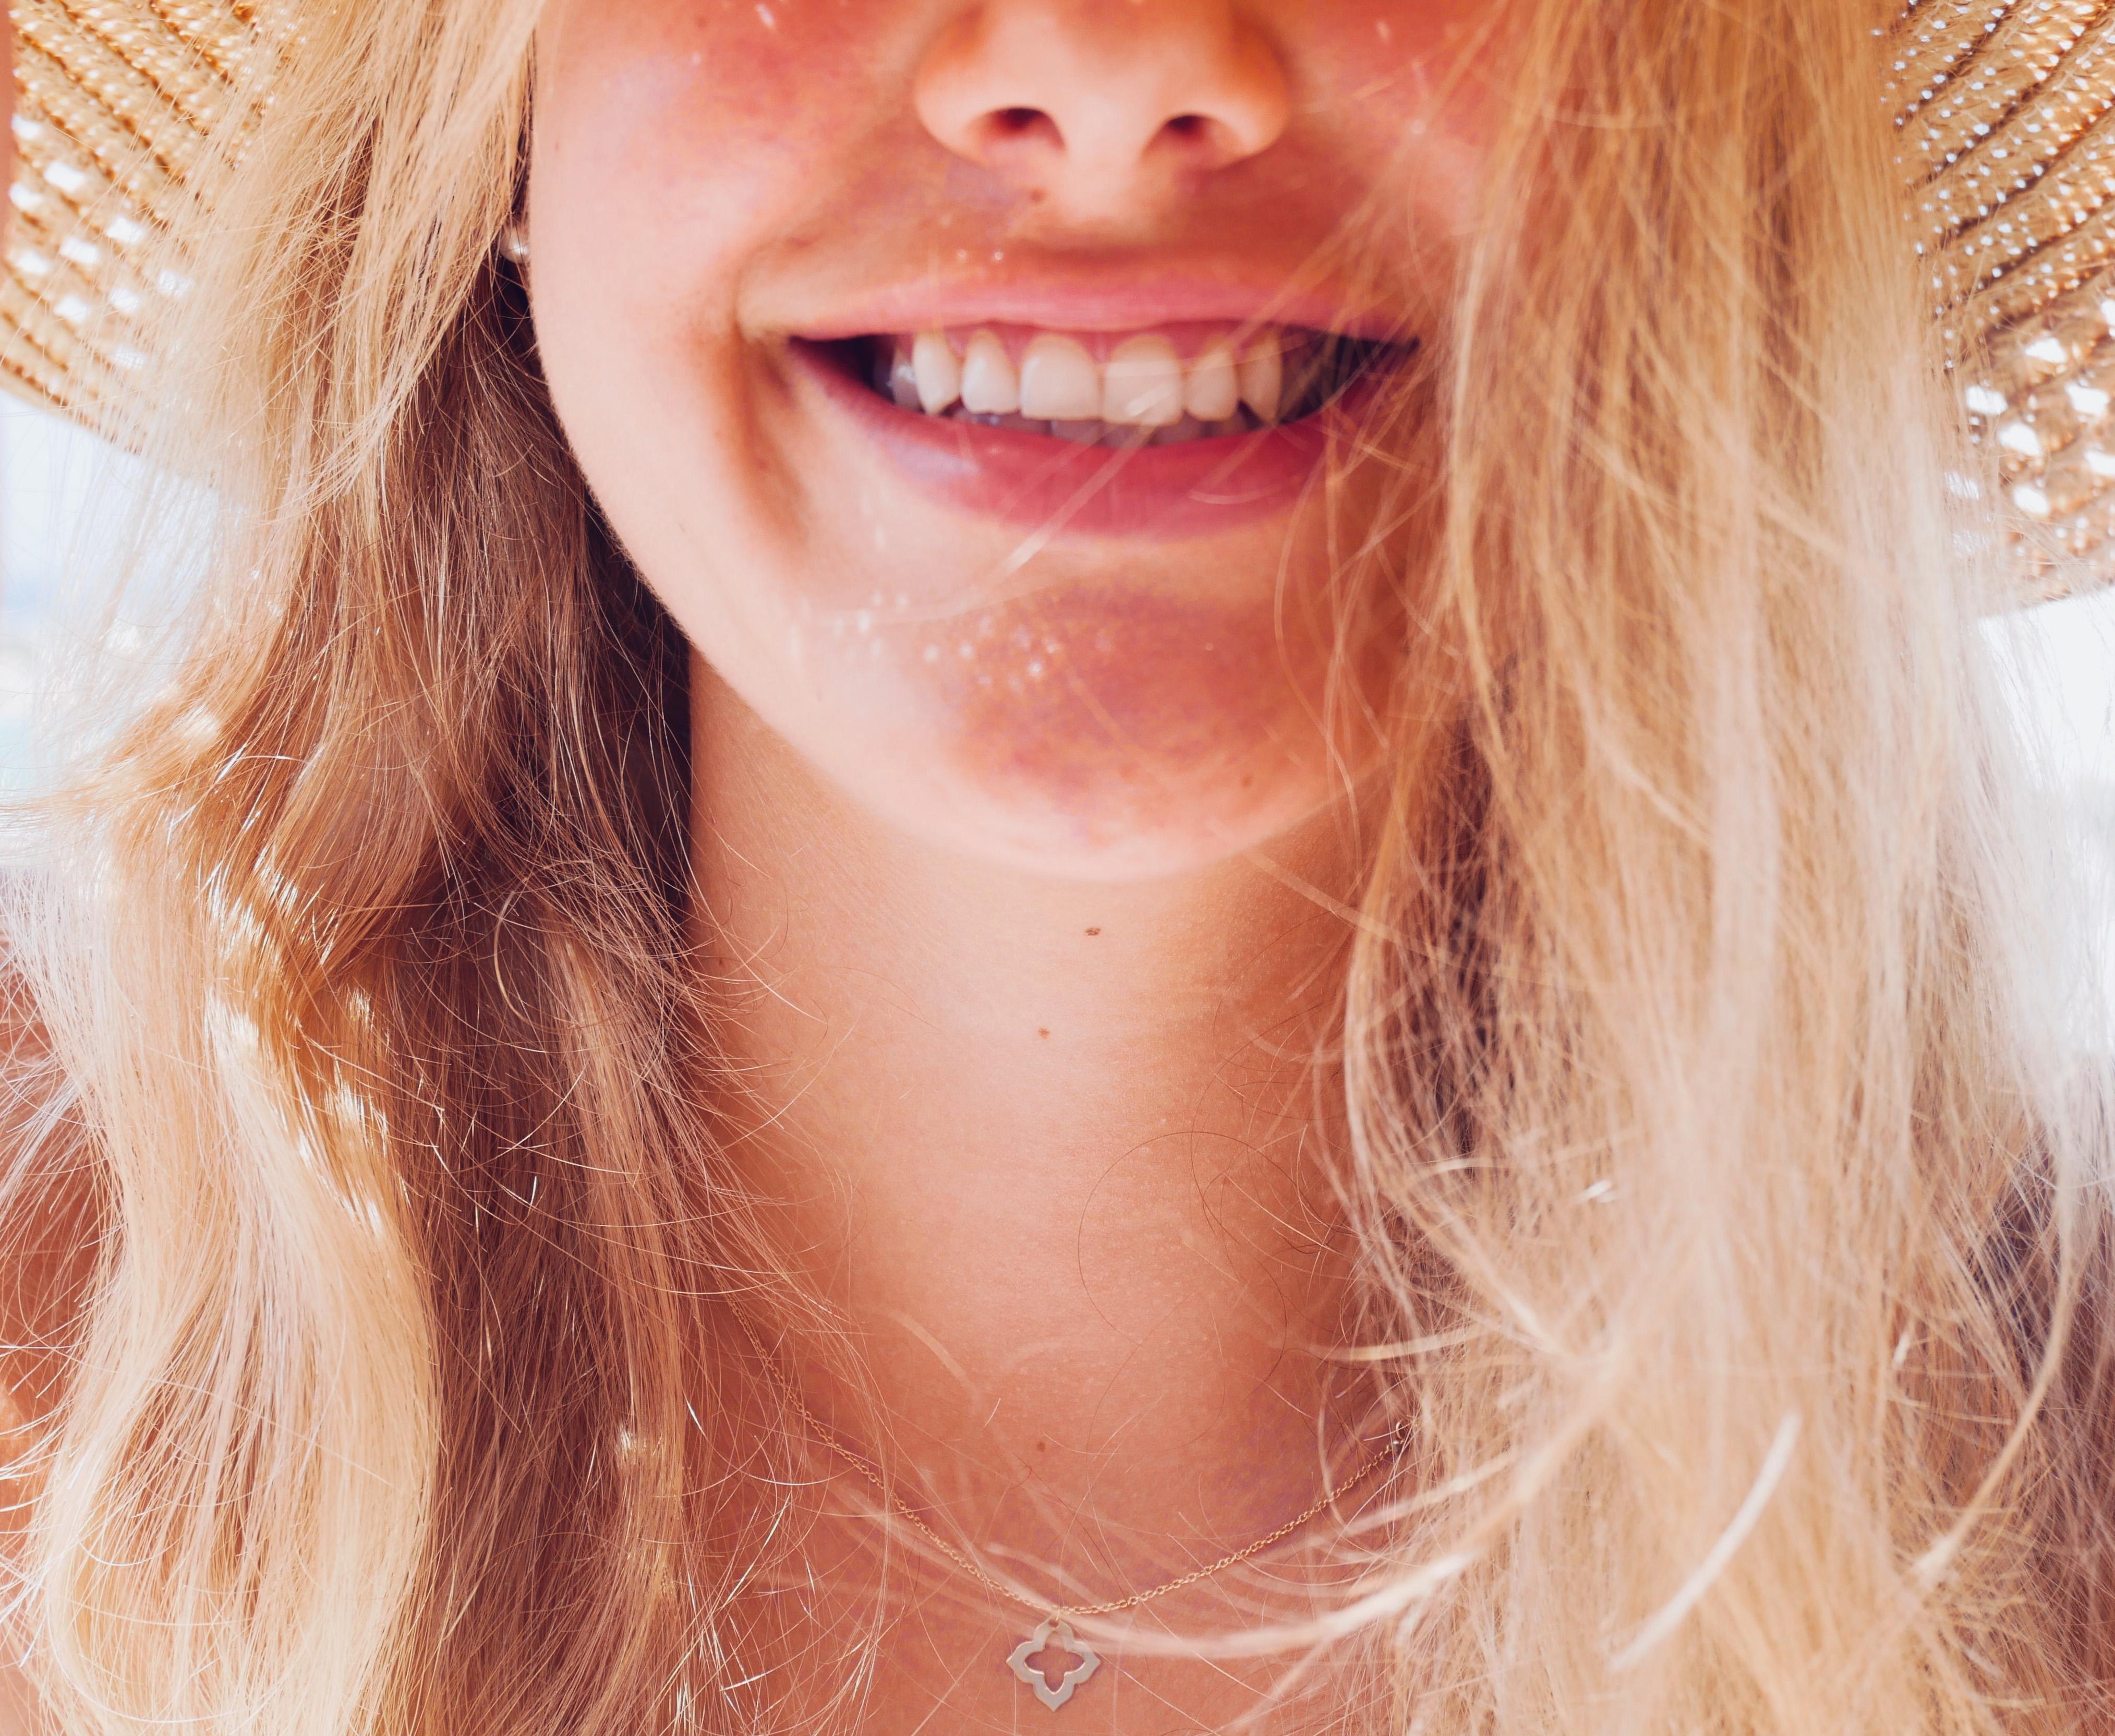 Lippen Yoga und lächeln macht glücklich und schön